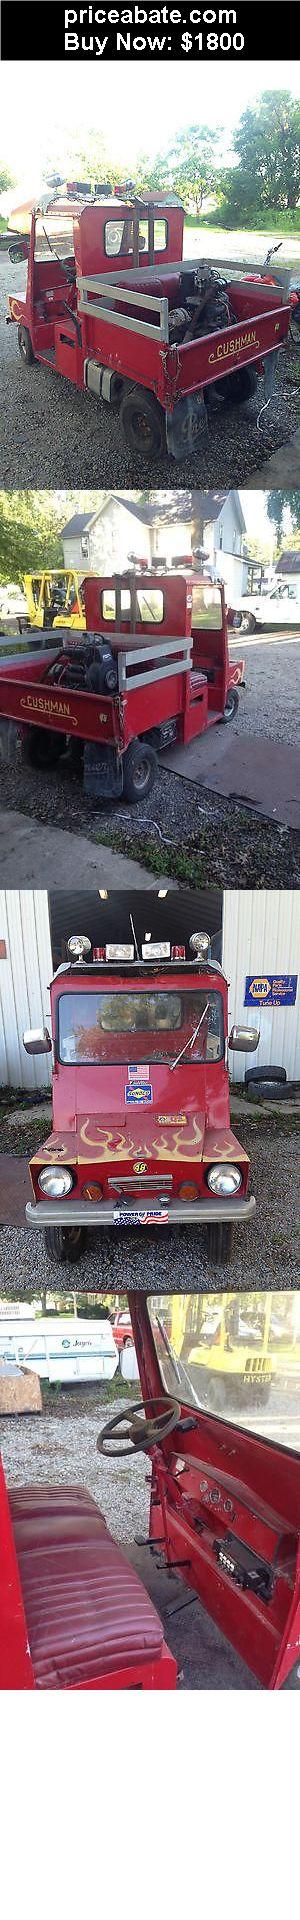 084145d37dc3f8a3936bf2d1e1e79bbc 97 carbureted cushman textron truckster wiring diagram cushman  at soozxer.org